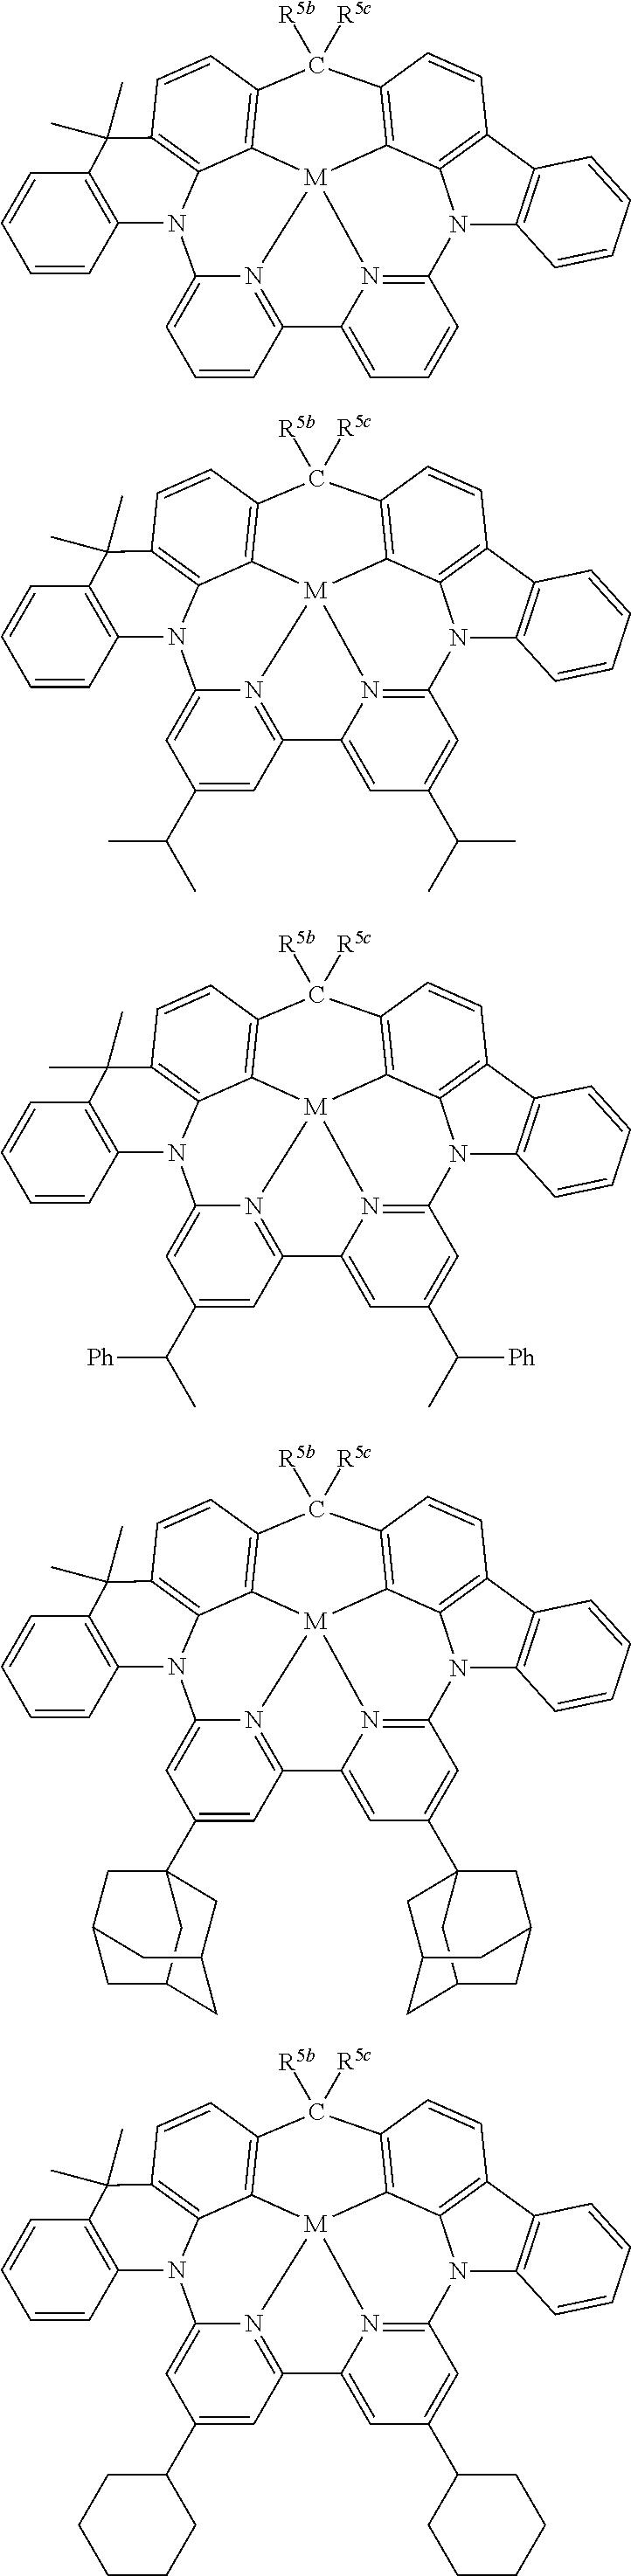 Figure US10158091-20181218-C00137